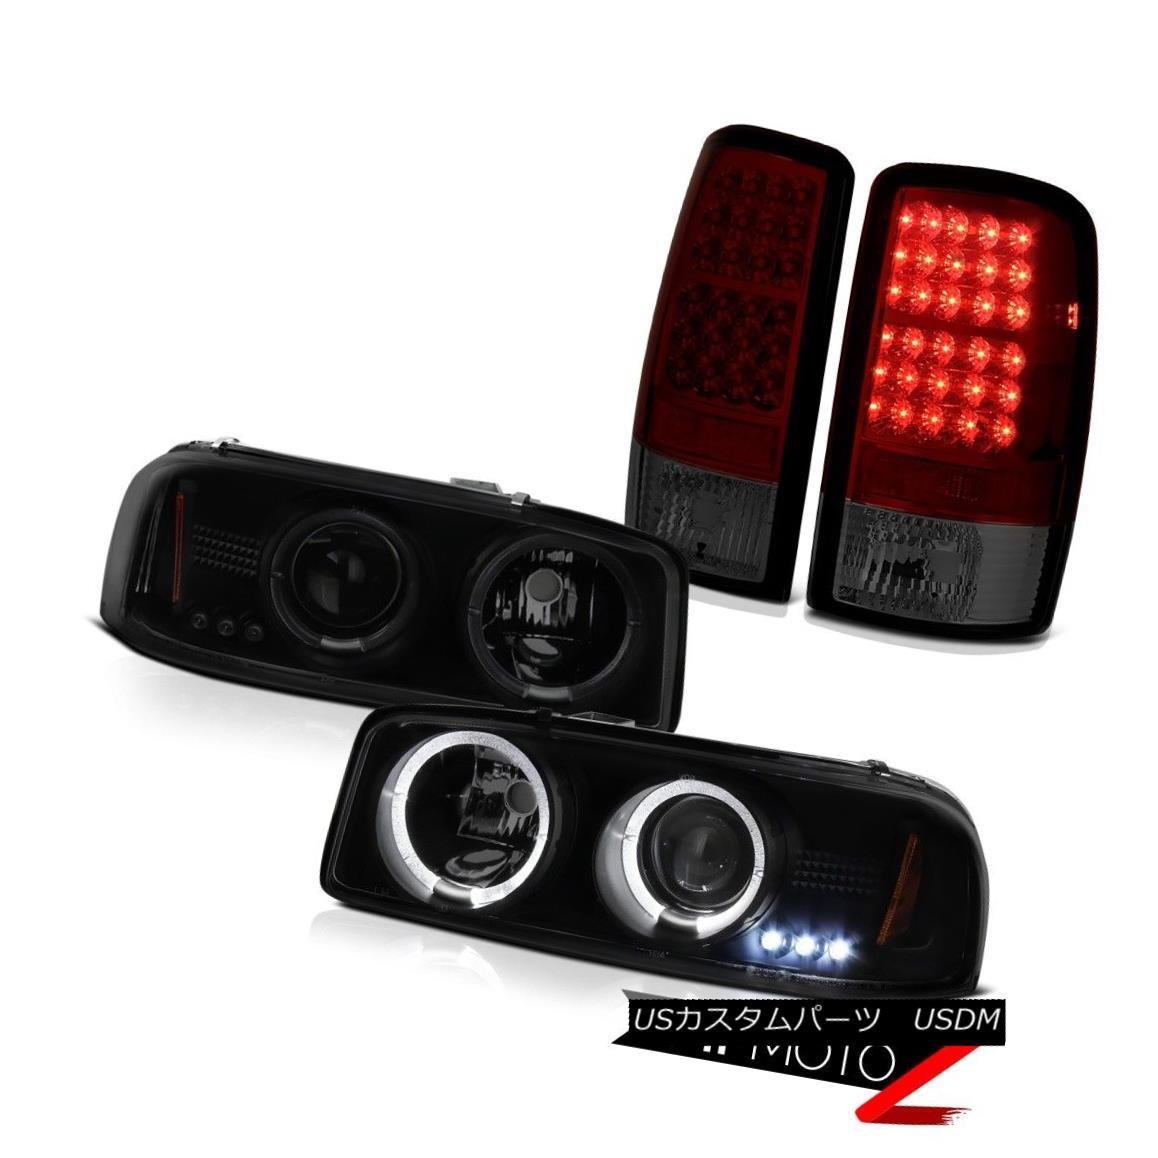 テールライト 00 01 02 03 04 05 06 Yukon Dual Angel Eye Headlights LED Red Smoke Tail Lights 00 01 02 03 04 05 06ユーコンデュアルエンジェルアイヘッドライトLEDレッド煙テールライト